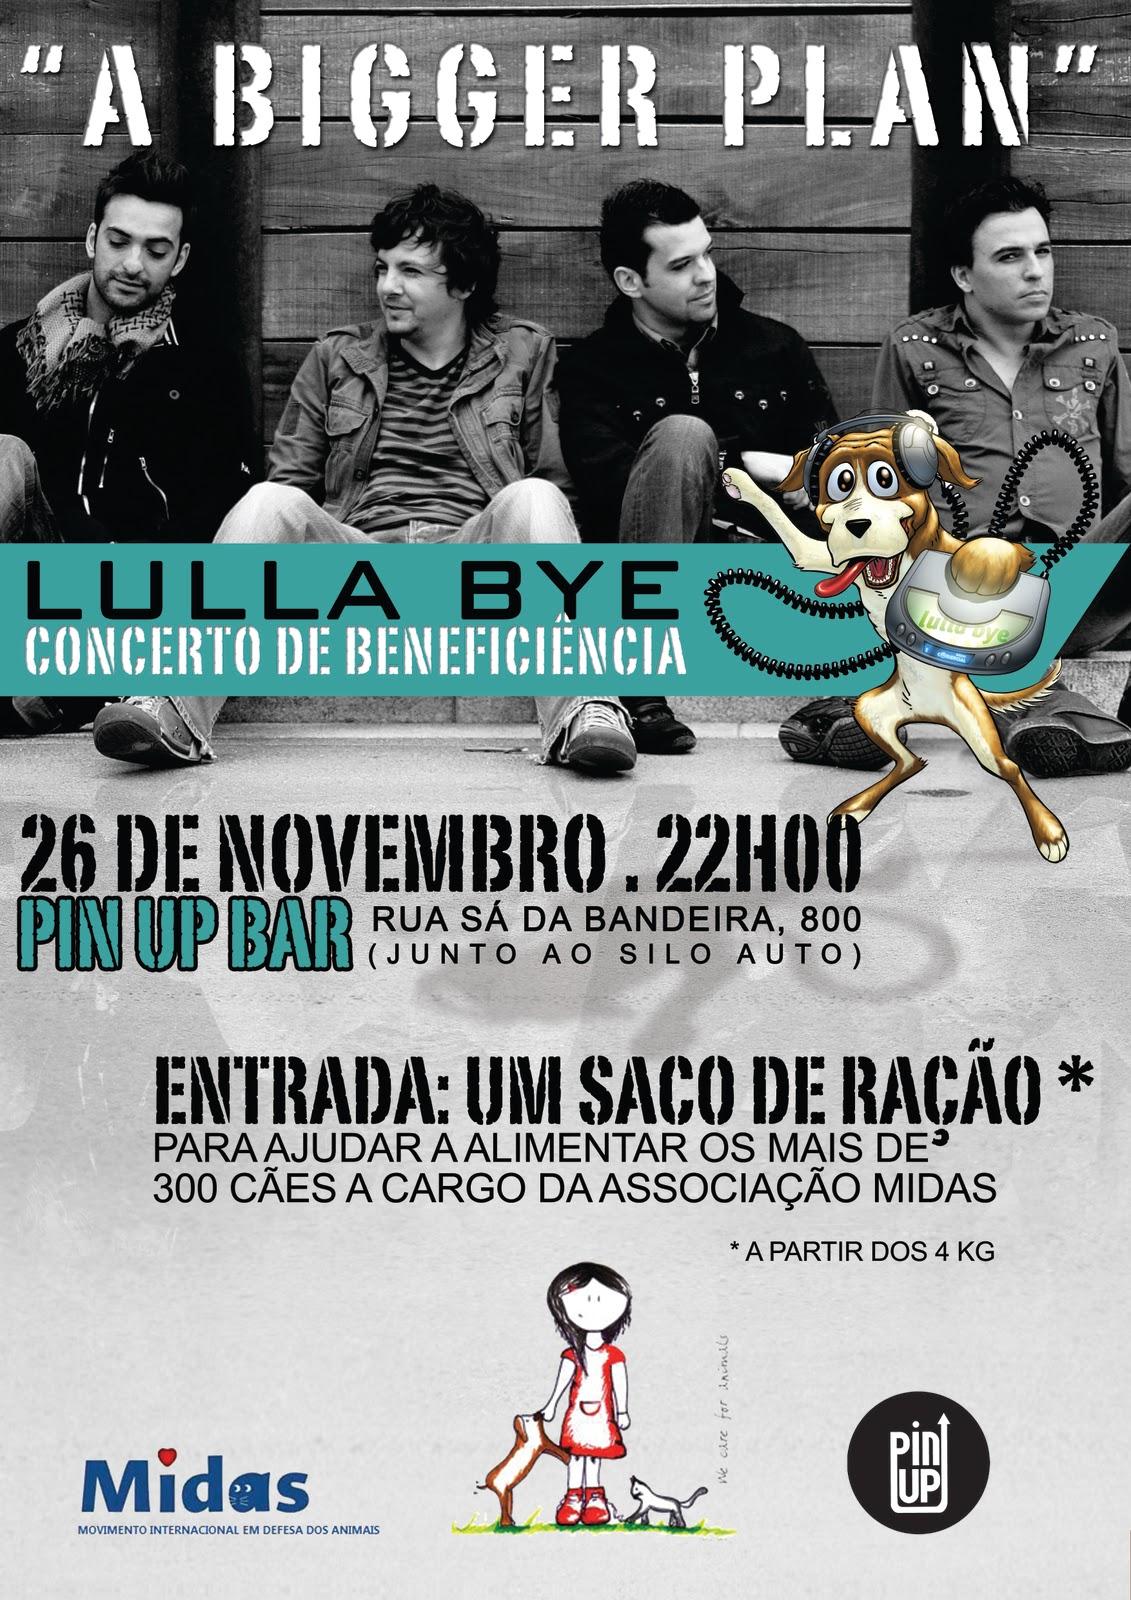 LULLA BYE – Concerto de Beneficiência 26/Nov às 22h00